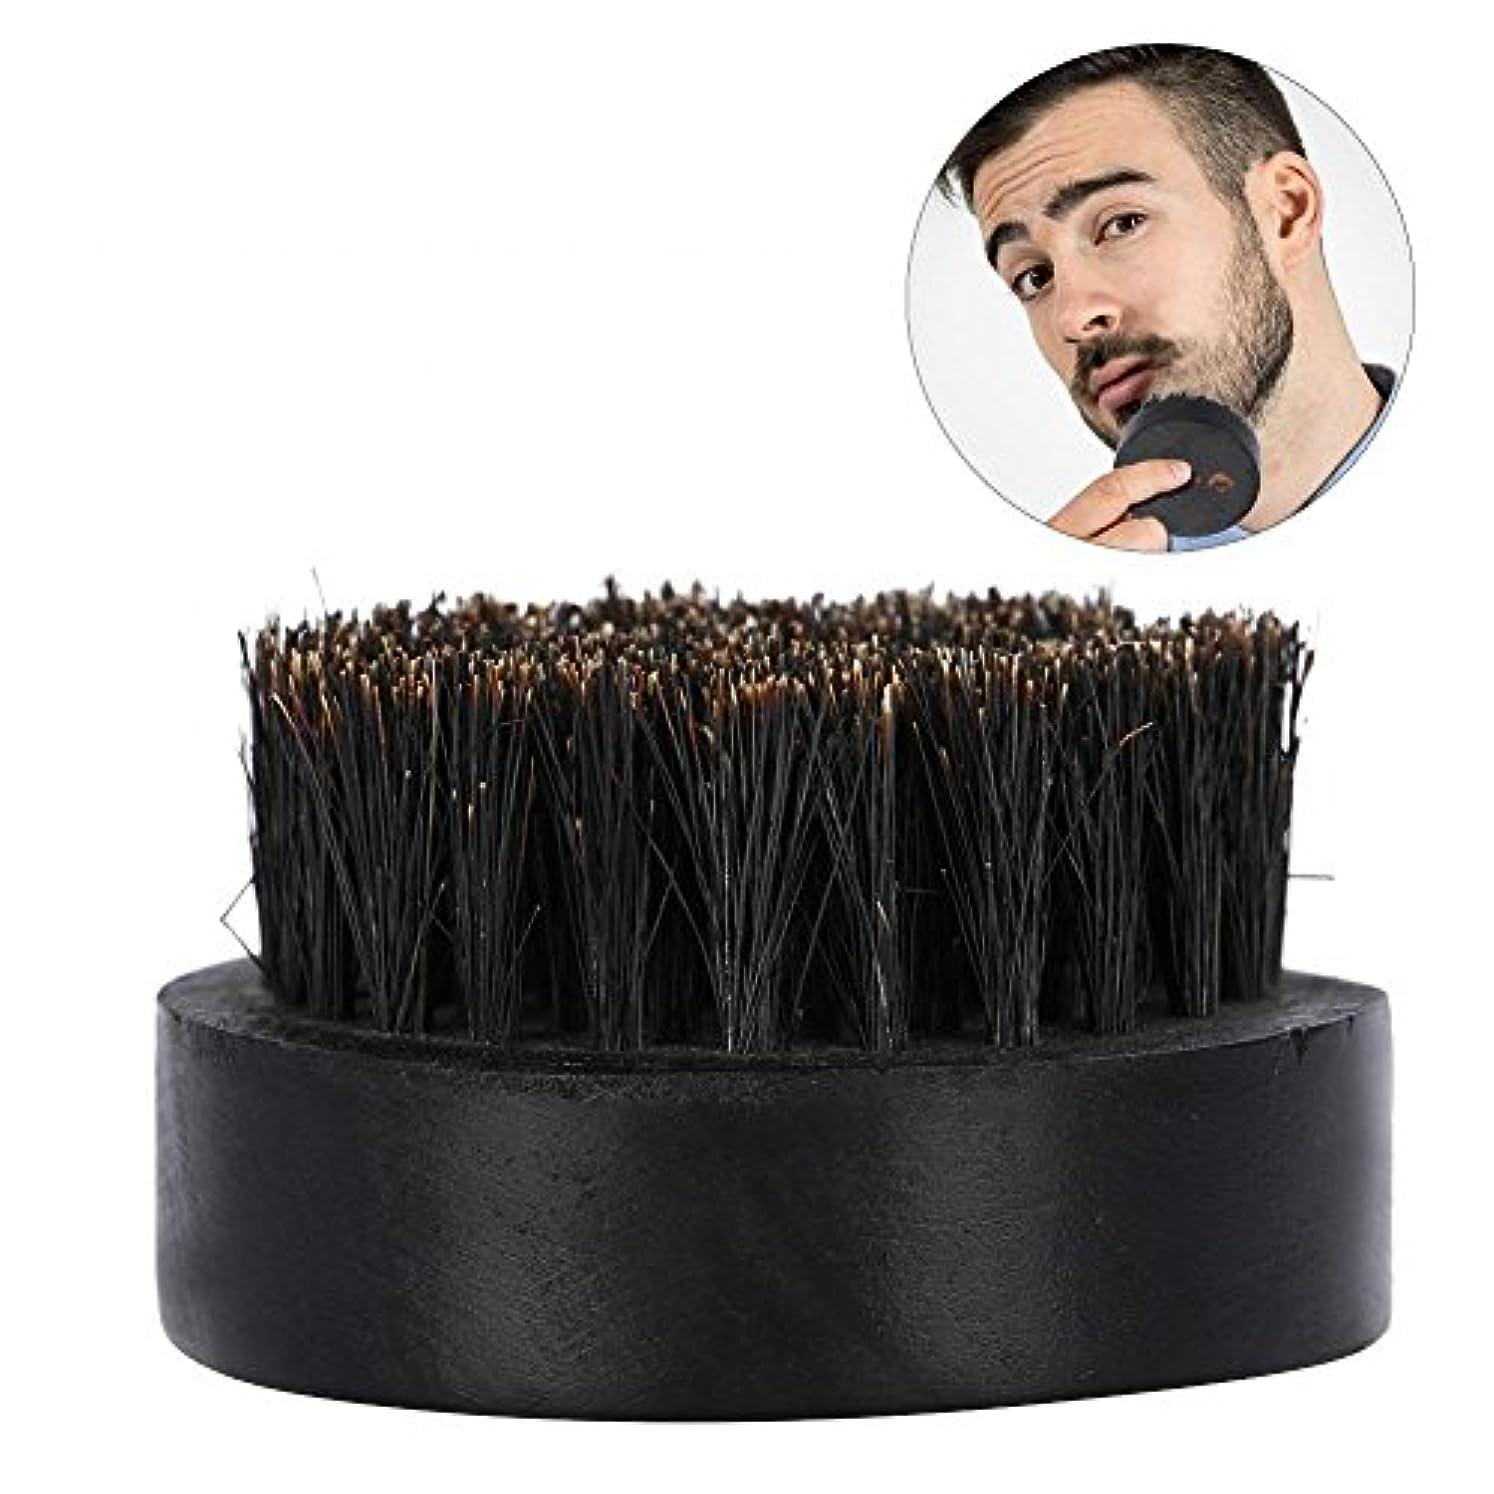 縮約ずんぐりした見せますひげブラシ、シェービングブラシメンズひげグルーミングキット理髪ブラシ口ひげクリーニングブラシヘアシェービングキット